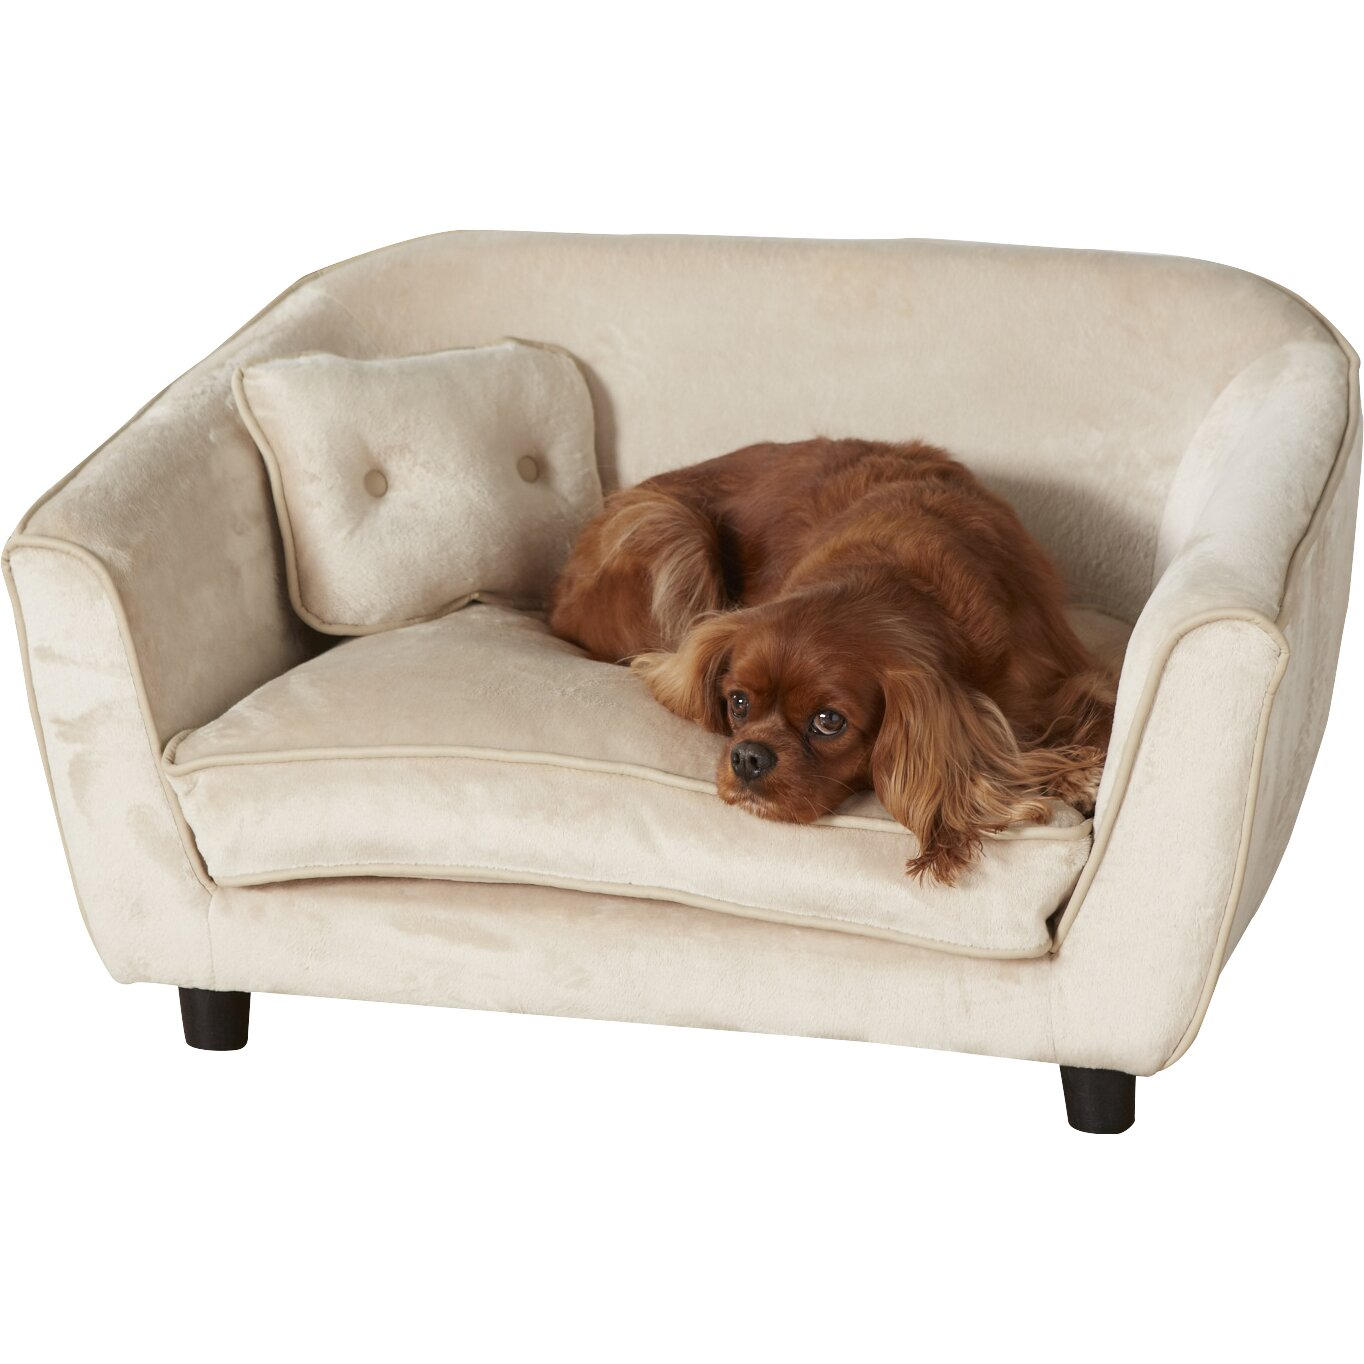 Enchanted Home Pet Ultra Plush Large Astro Dog Sofa Reviews Wayfair